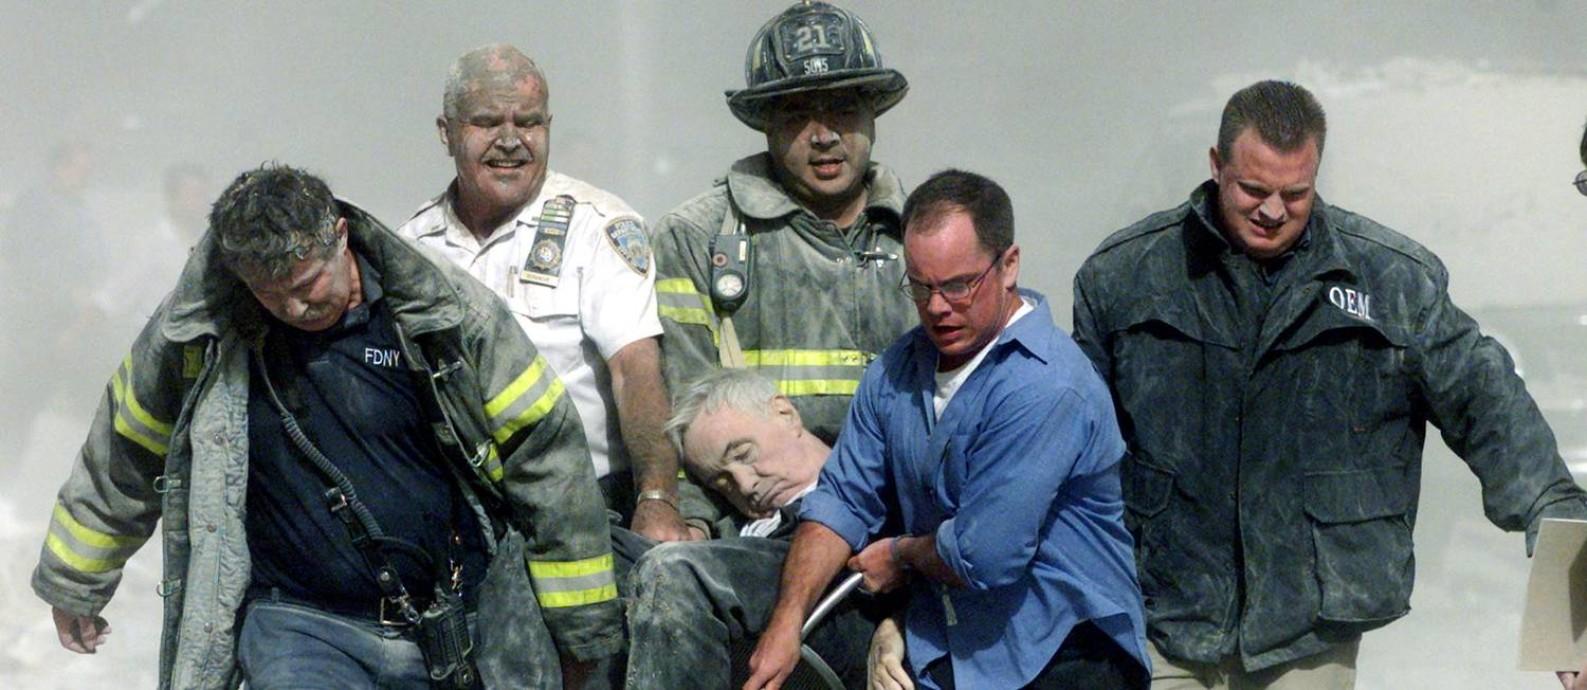 Equipes de resgate do Corpo de Bombeiros de Nova York carregam o corpo do reverendo Mychal Judge dos destroços do World Trade Center Foto: SHANNON STAPLETON / REUTERS/11-9-2001